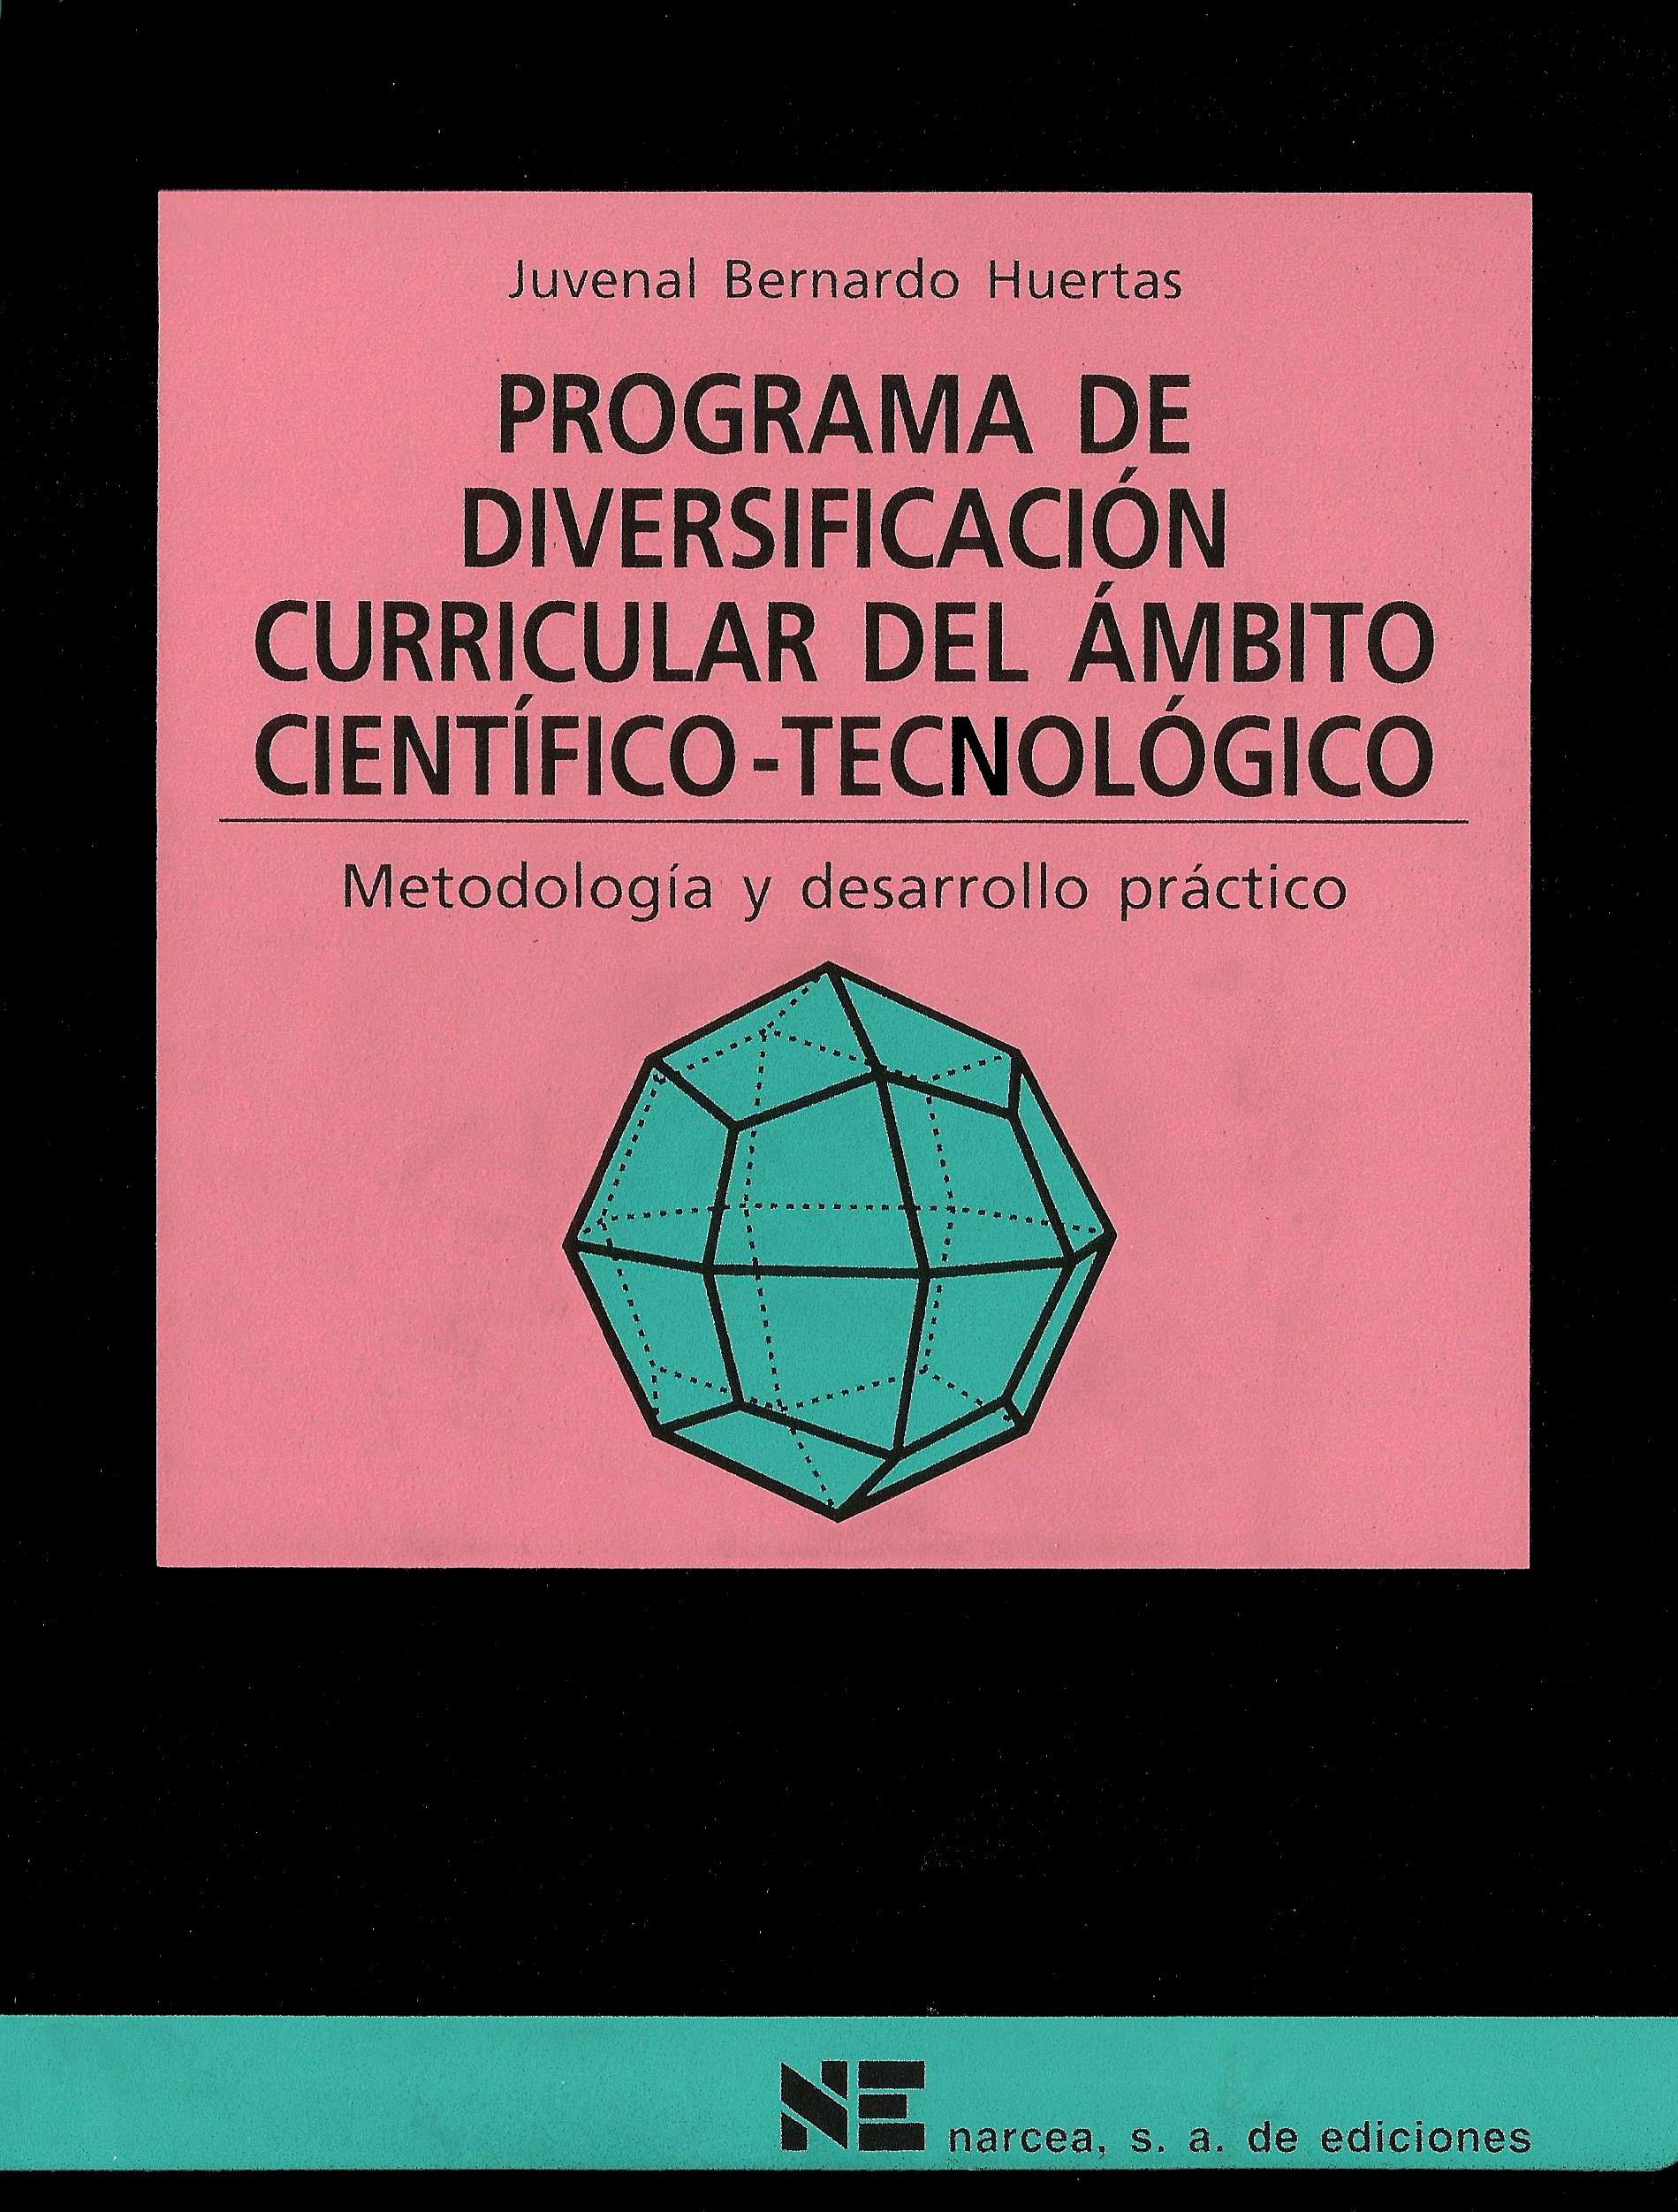 Programa de diversificacion curricular del ámbito científico-tecnológico